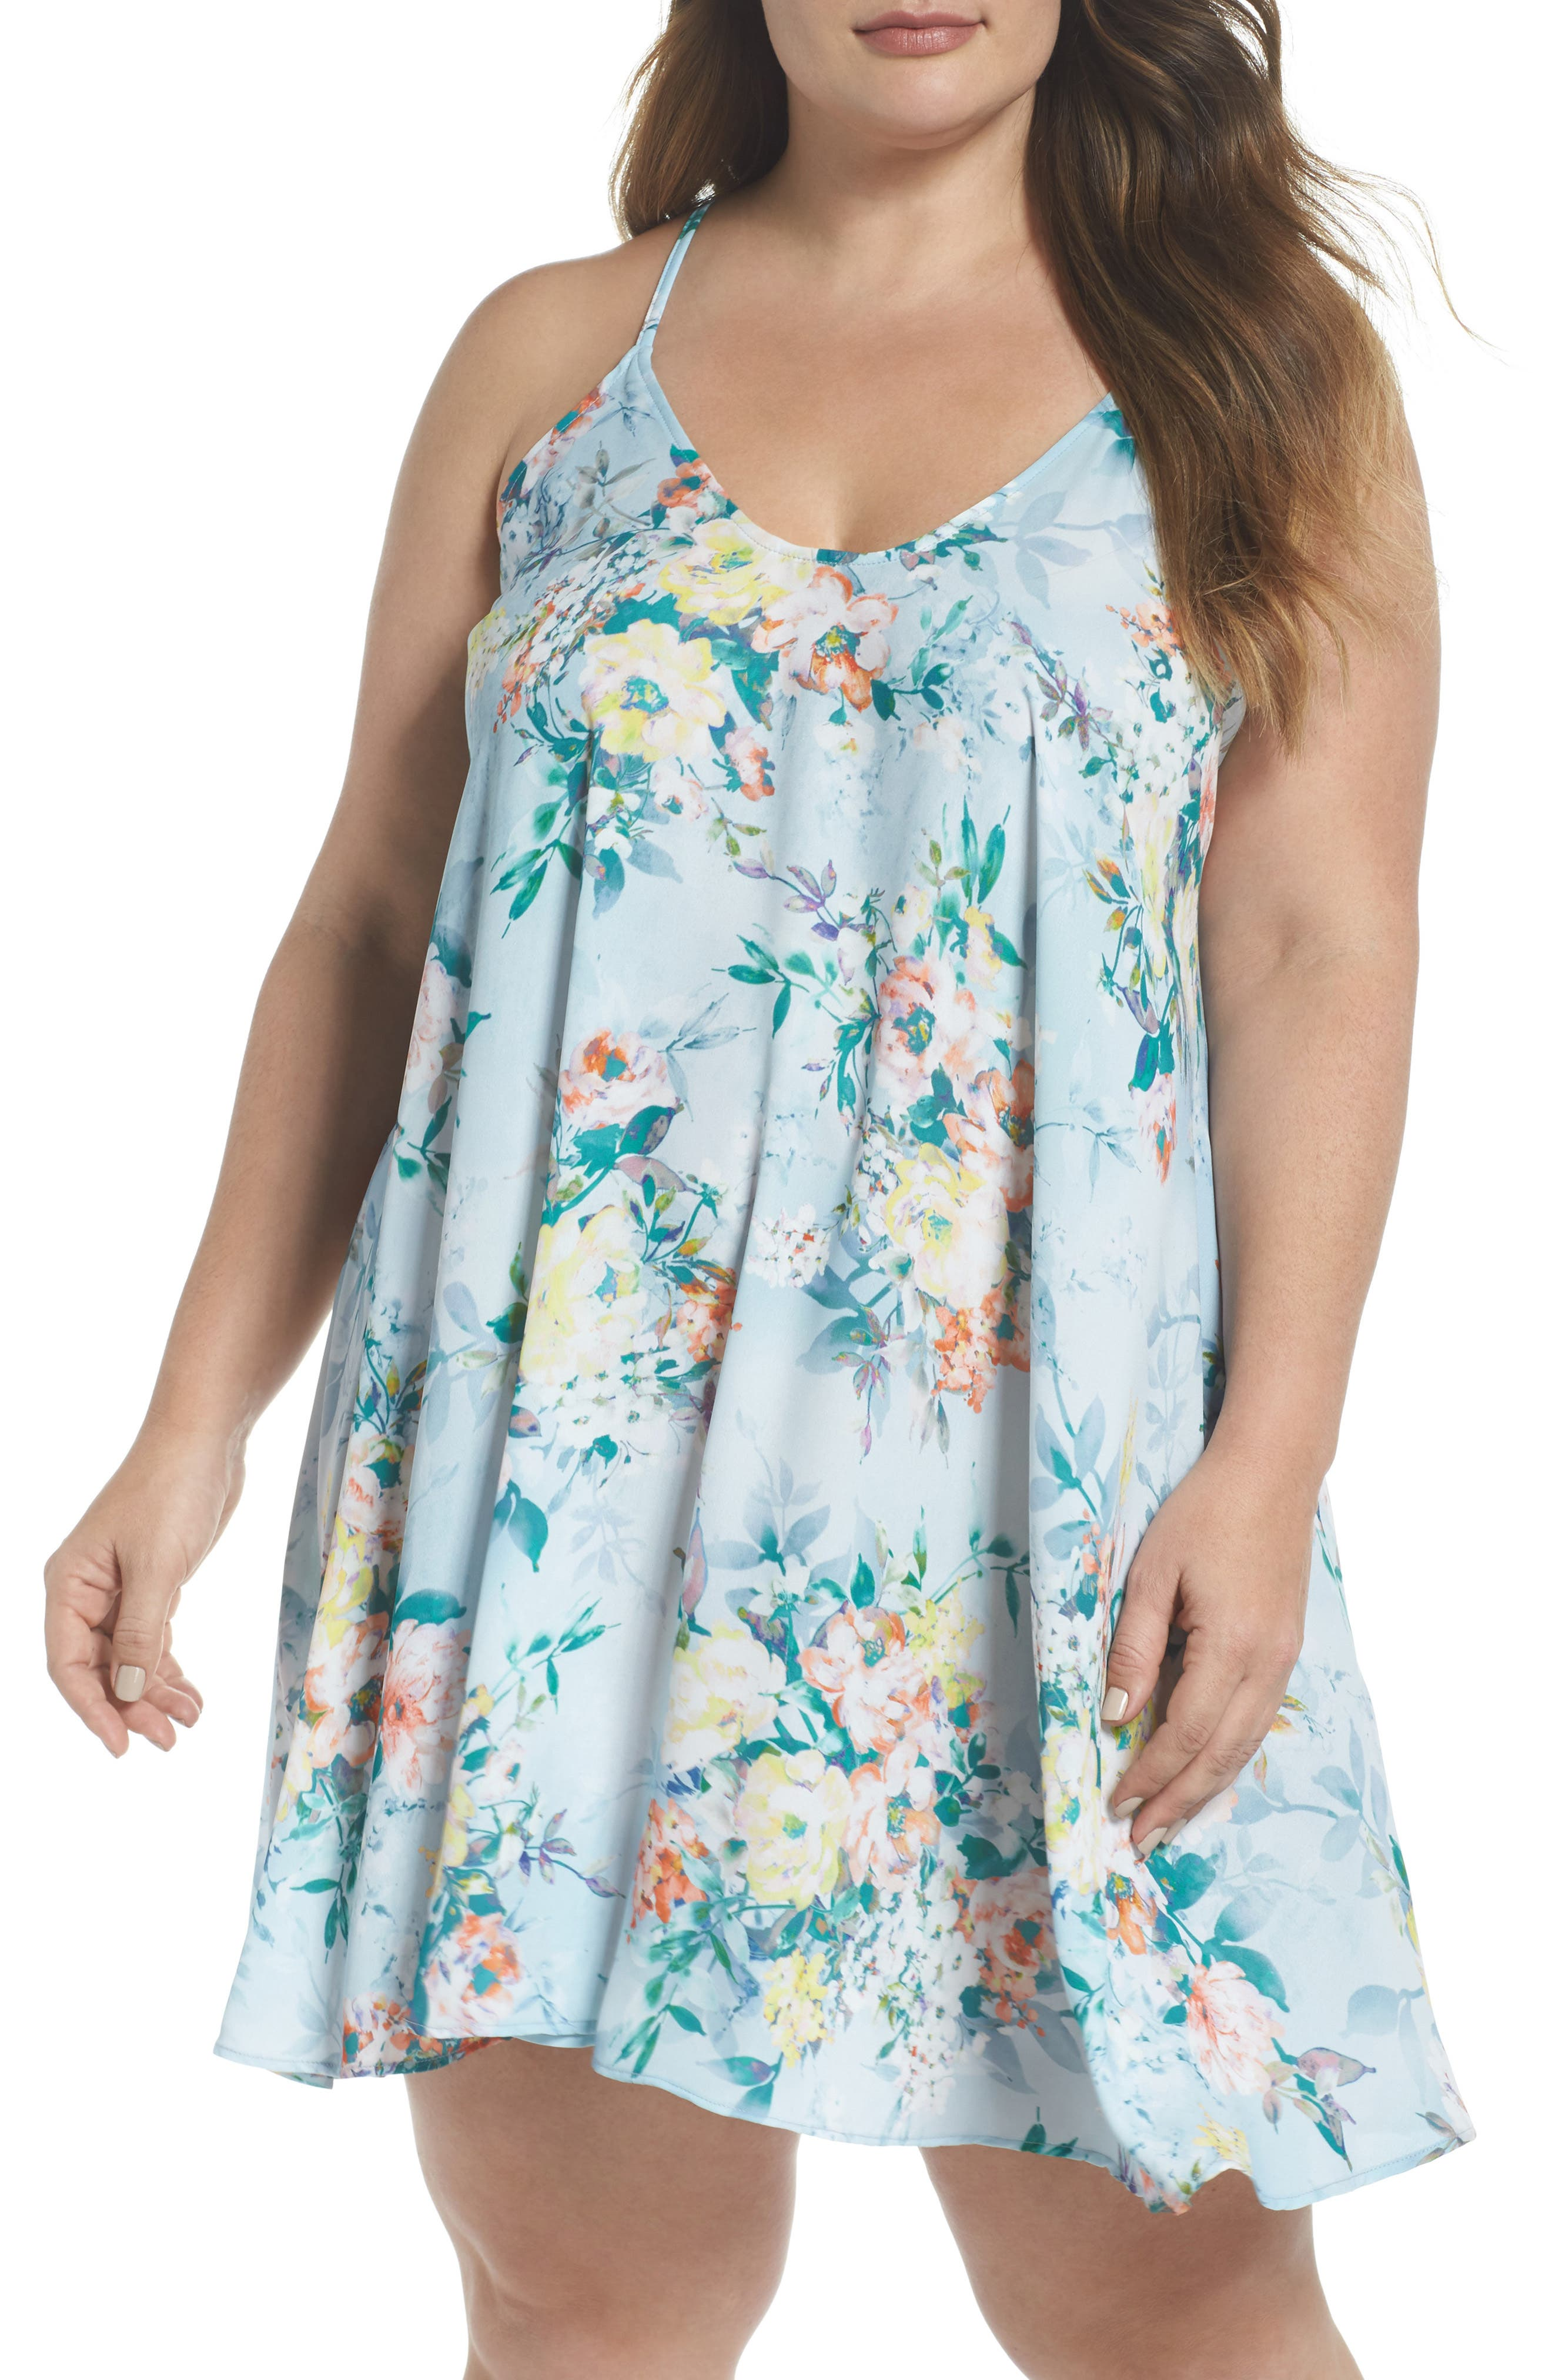 Becca Etc. Femme Flora Cover-Up Dress